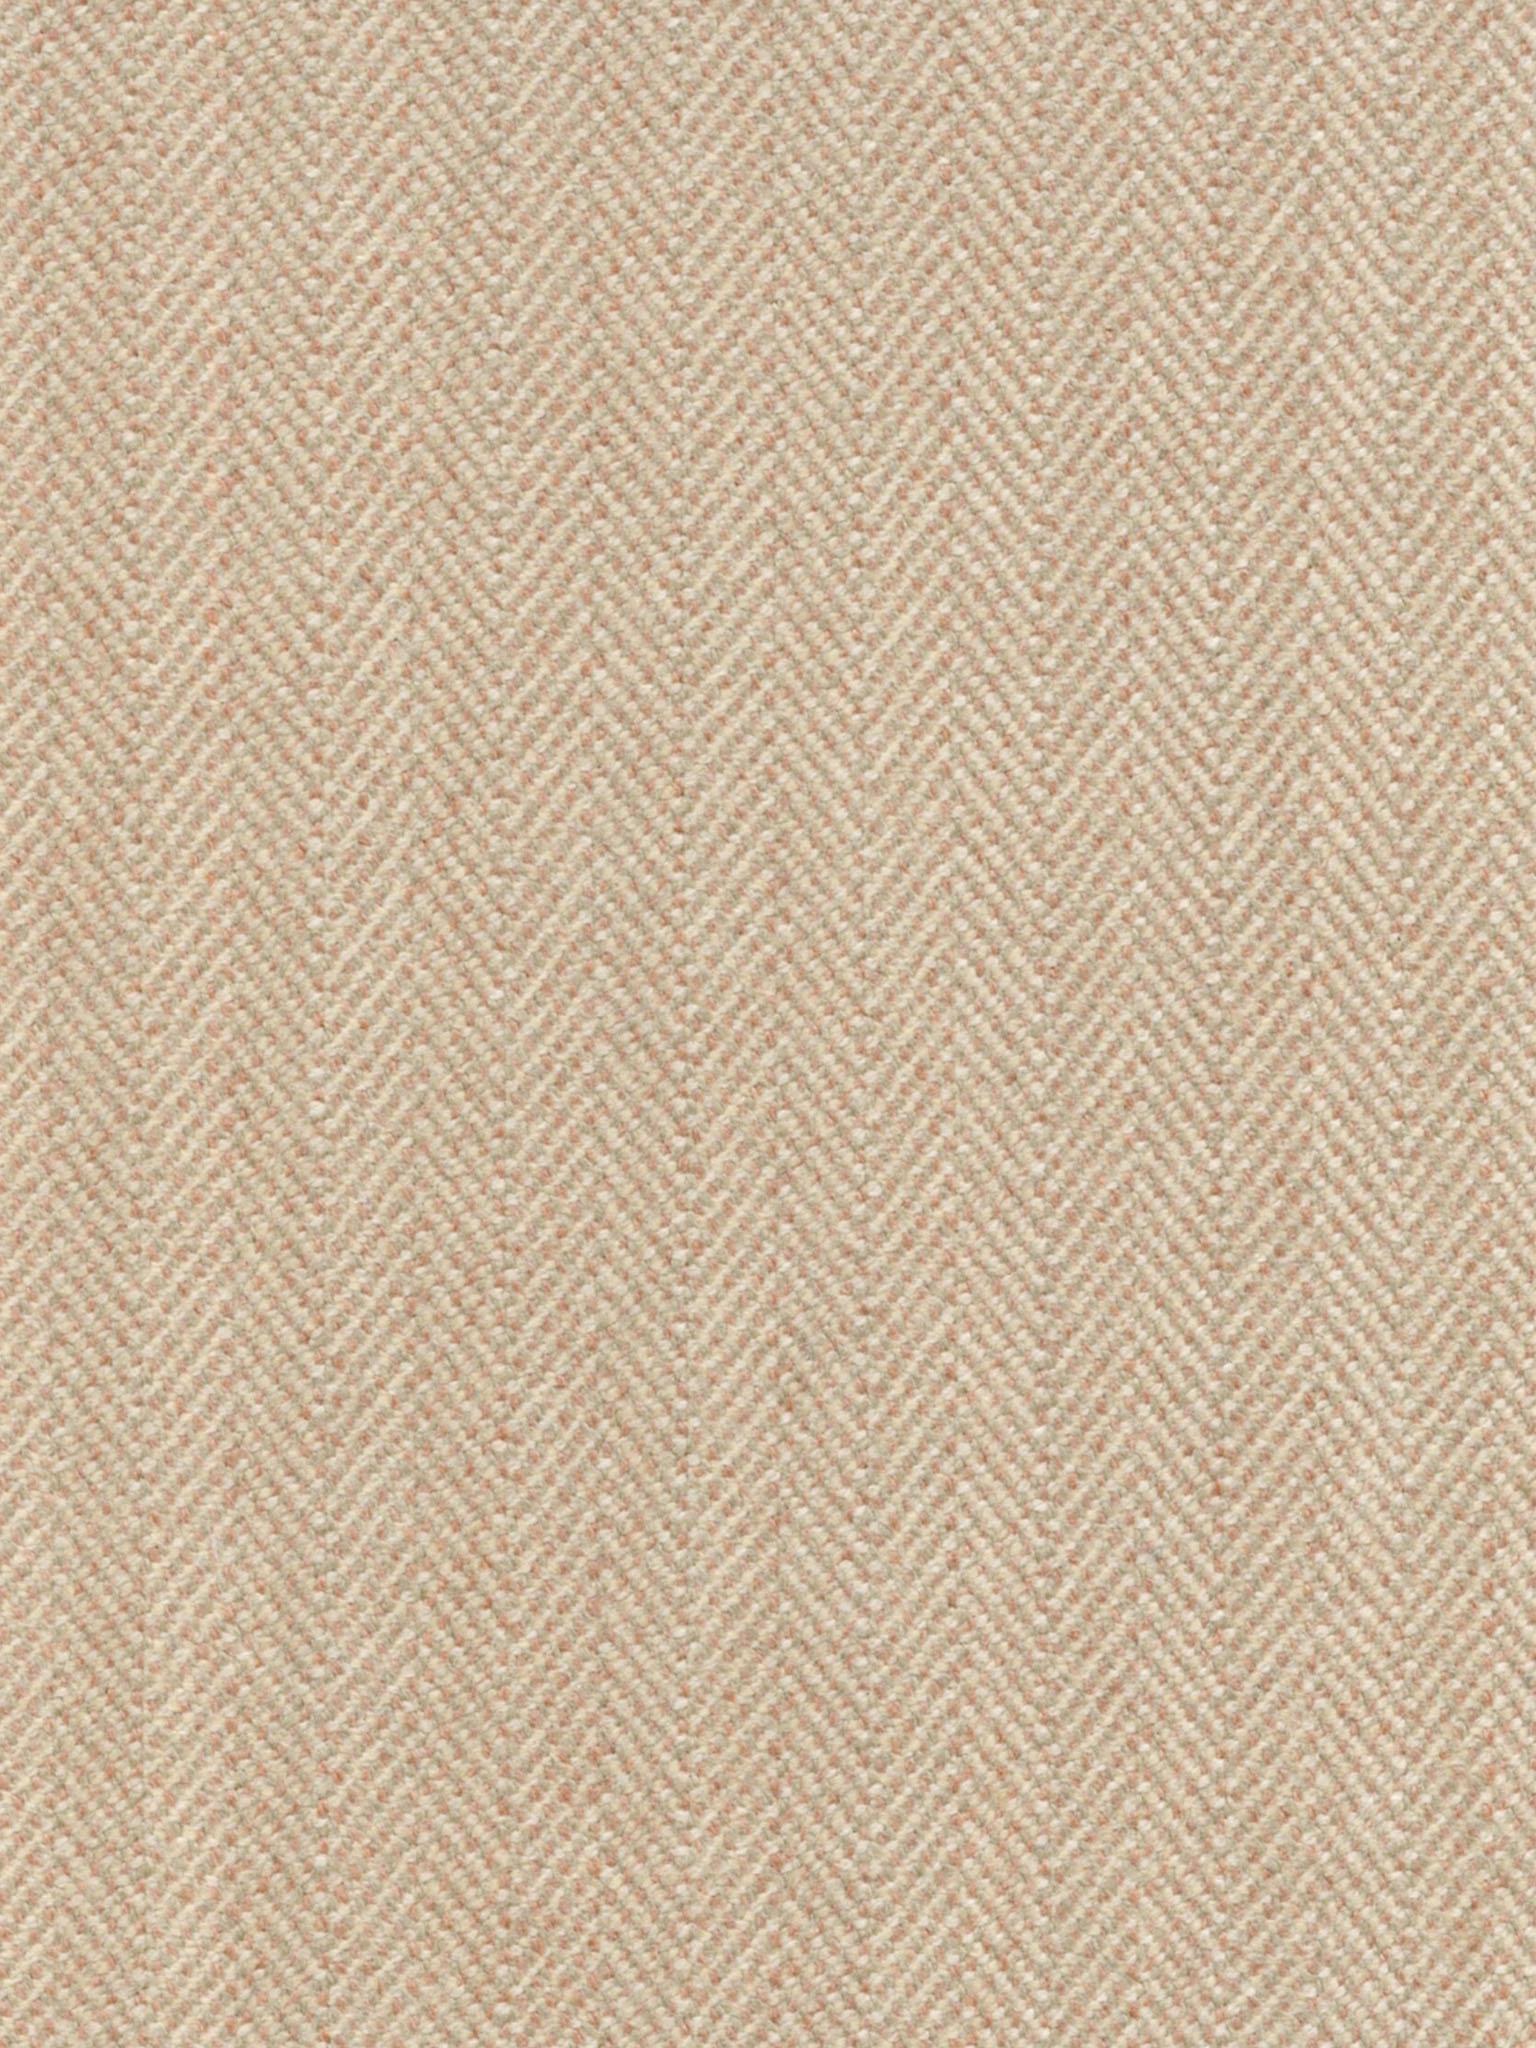 Savile Row Windsor Tweed DE13838